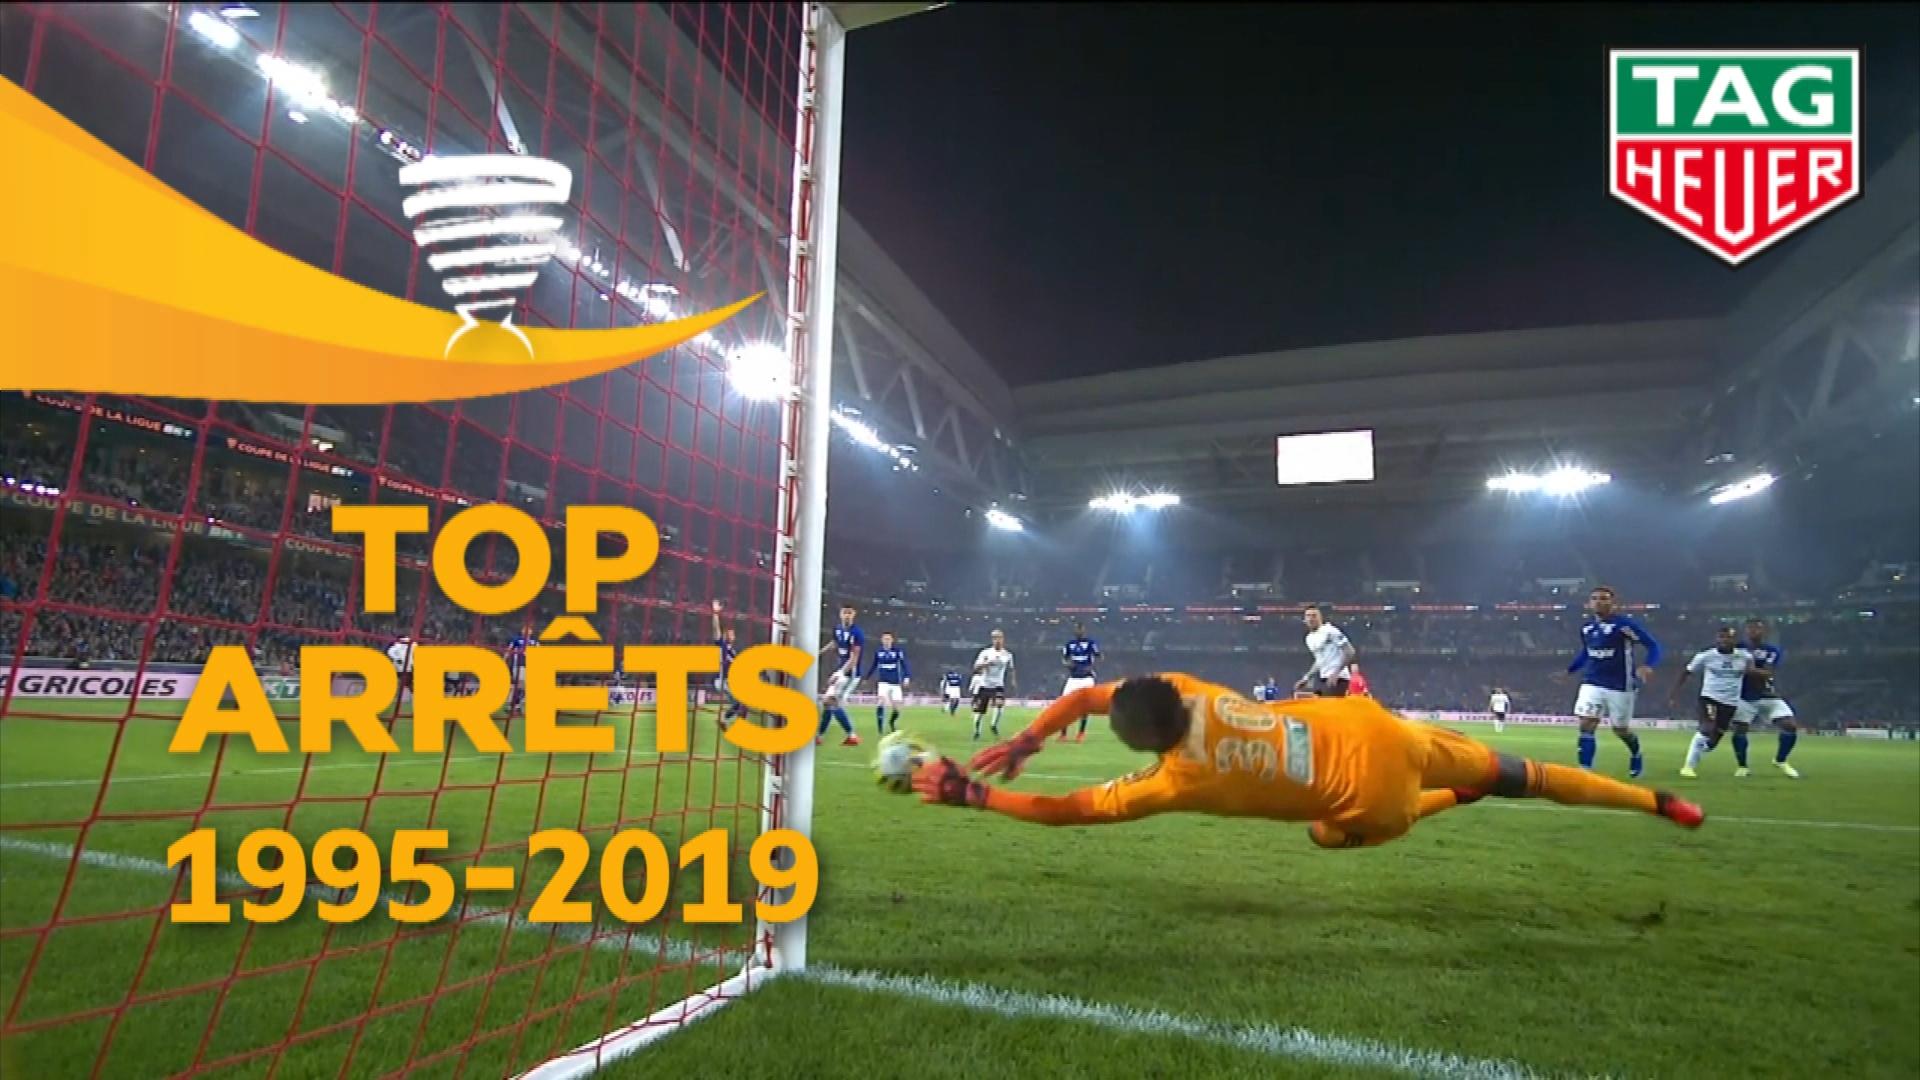 Top arrêts | Finales Coupe de la Ligue 1995-2020 | Archives